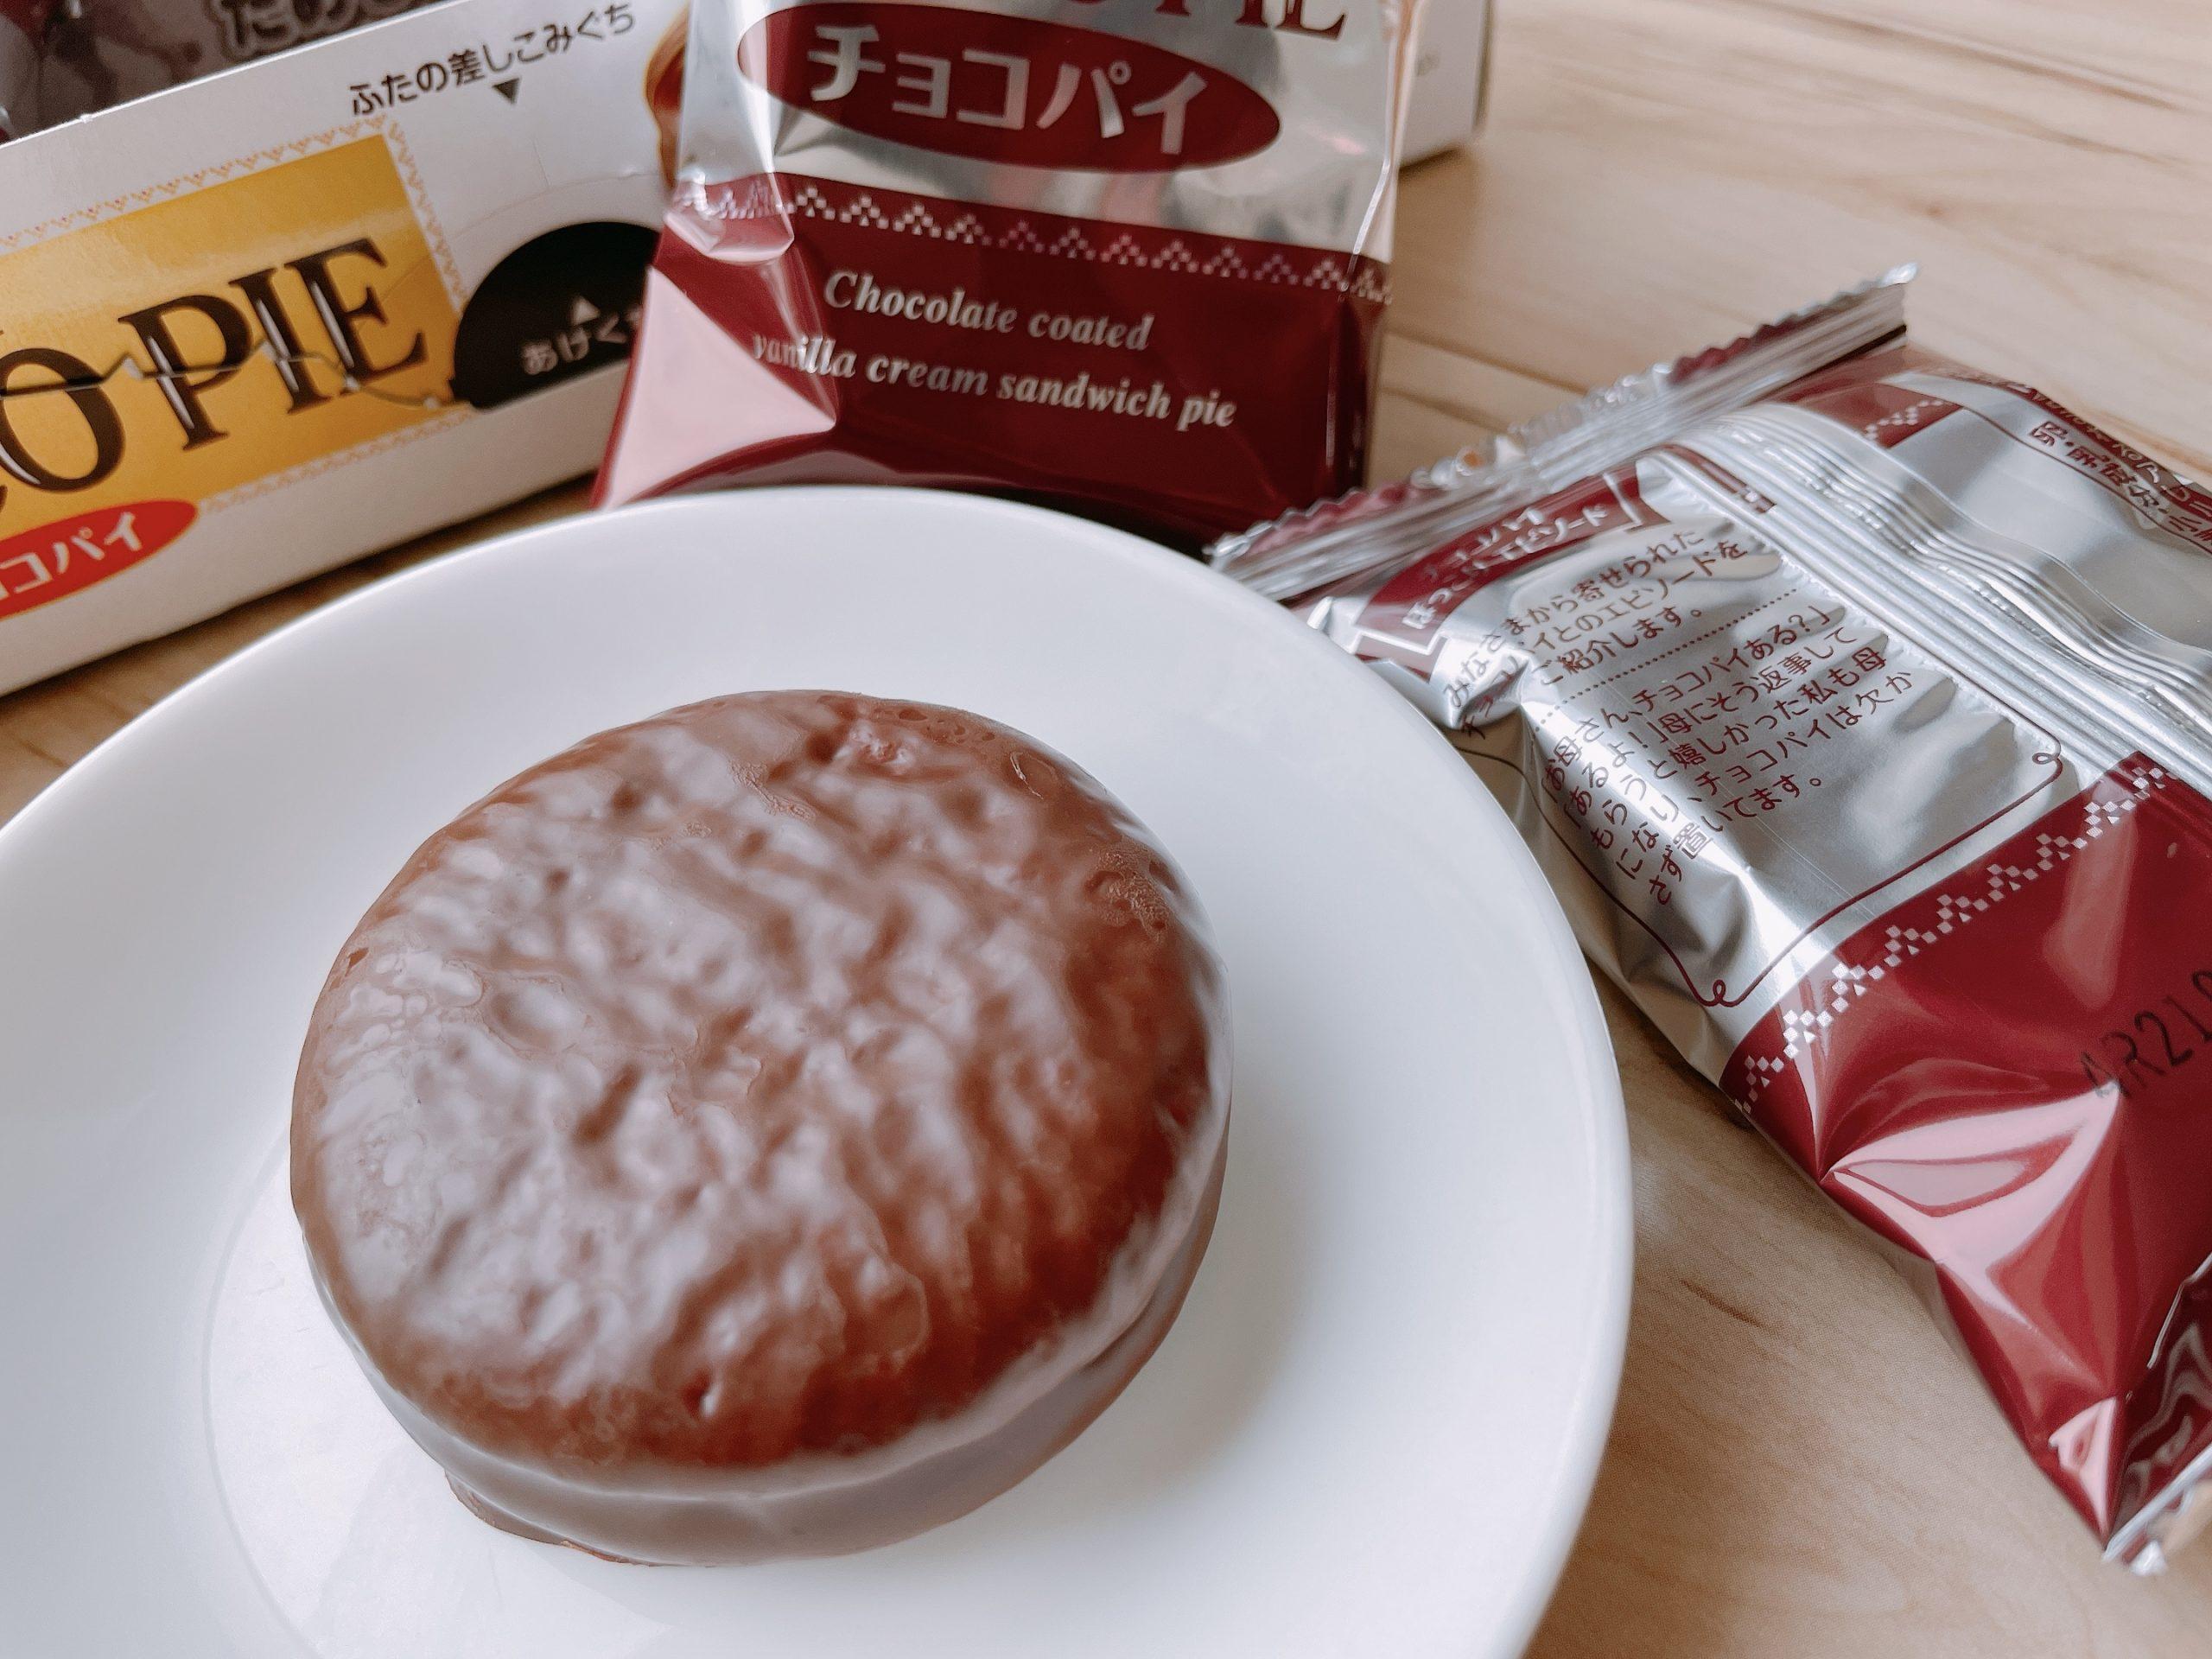 ロッテのチョコパイは口どけがよく甘さが一気に広がる